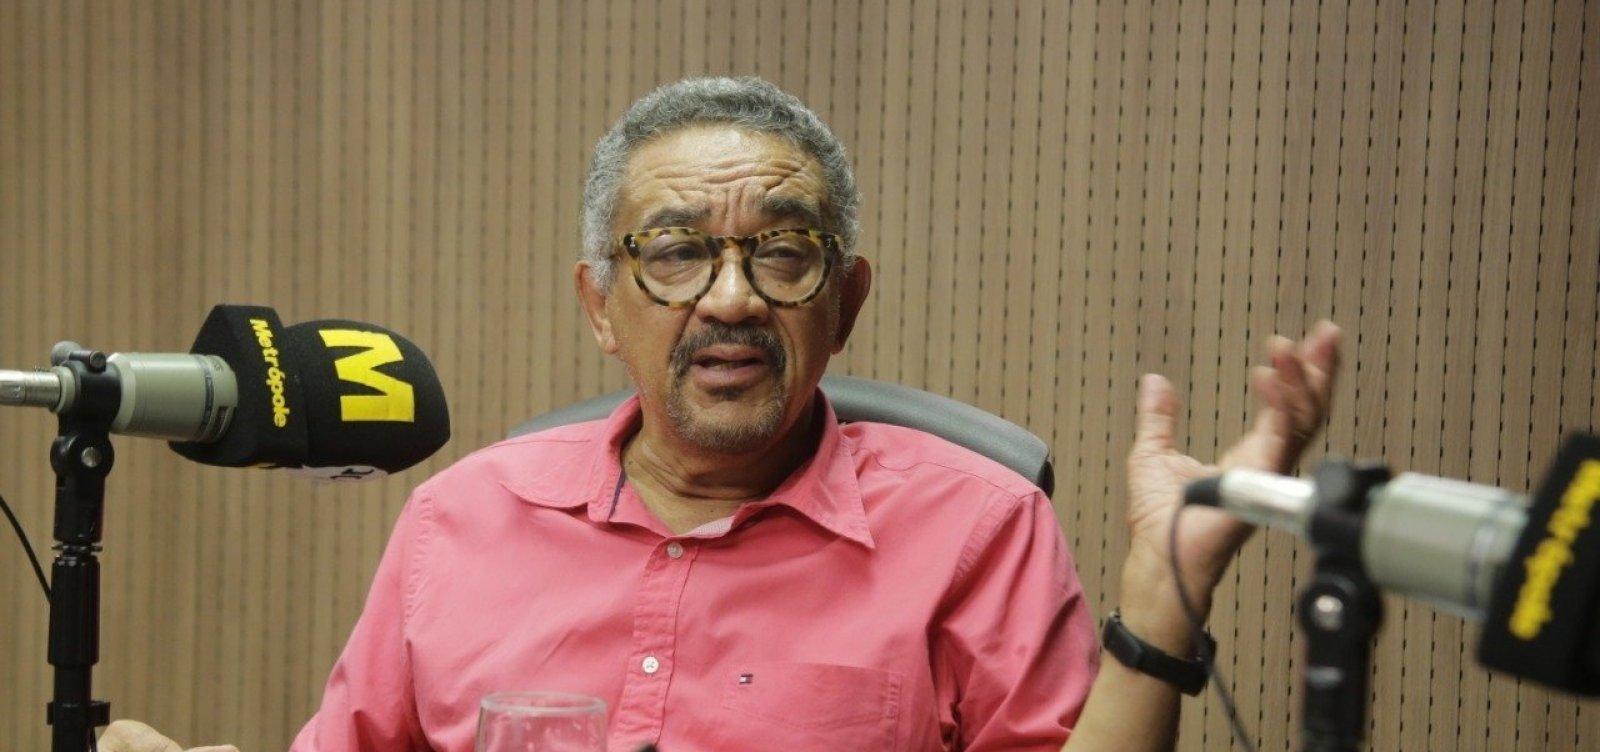 'Estamos assistindo à desintegração da ordem natural das coisas', diz Muniz Sodré sobre pandemia